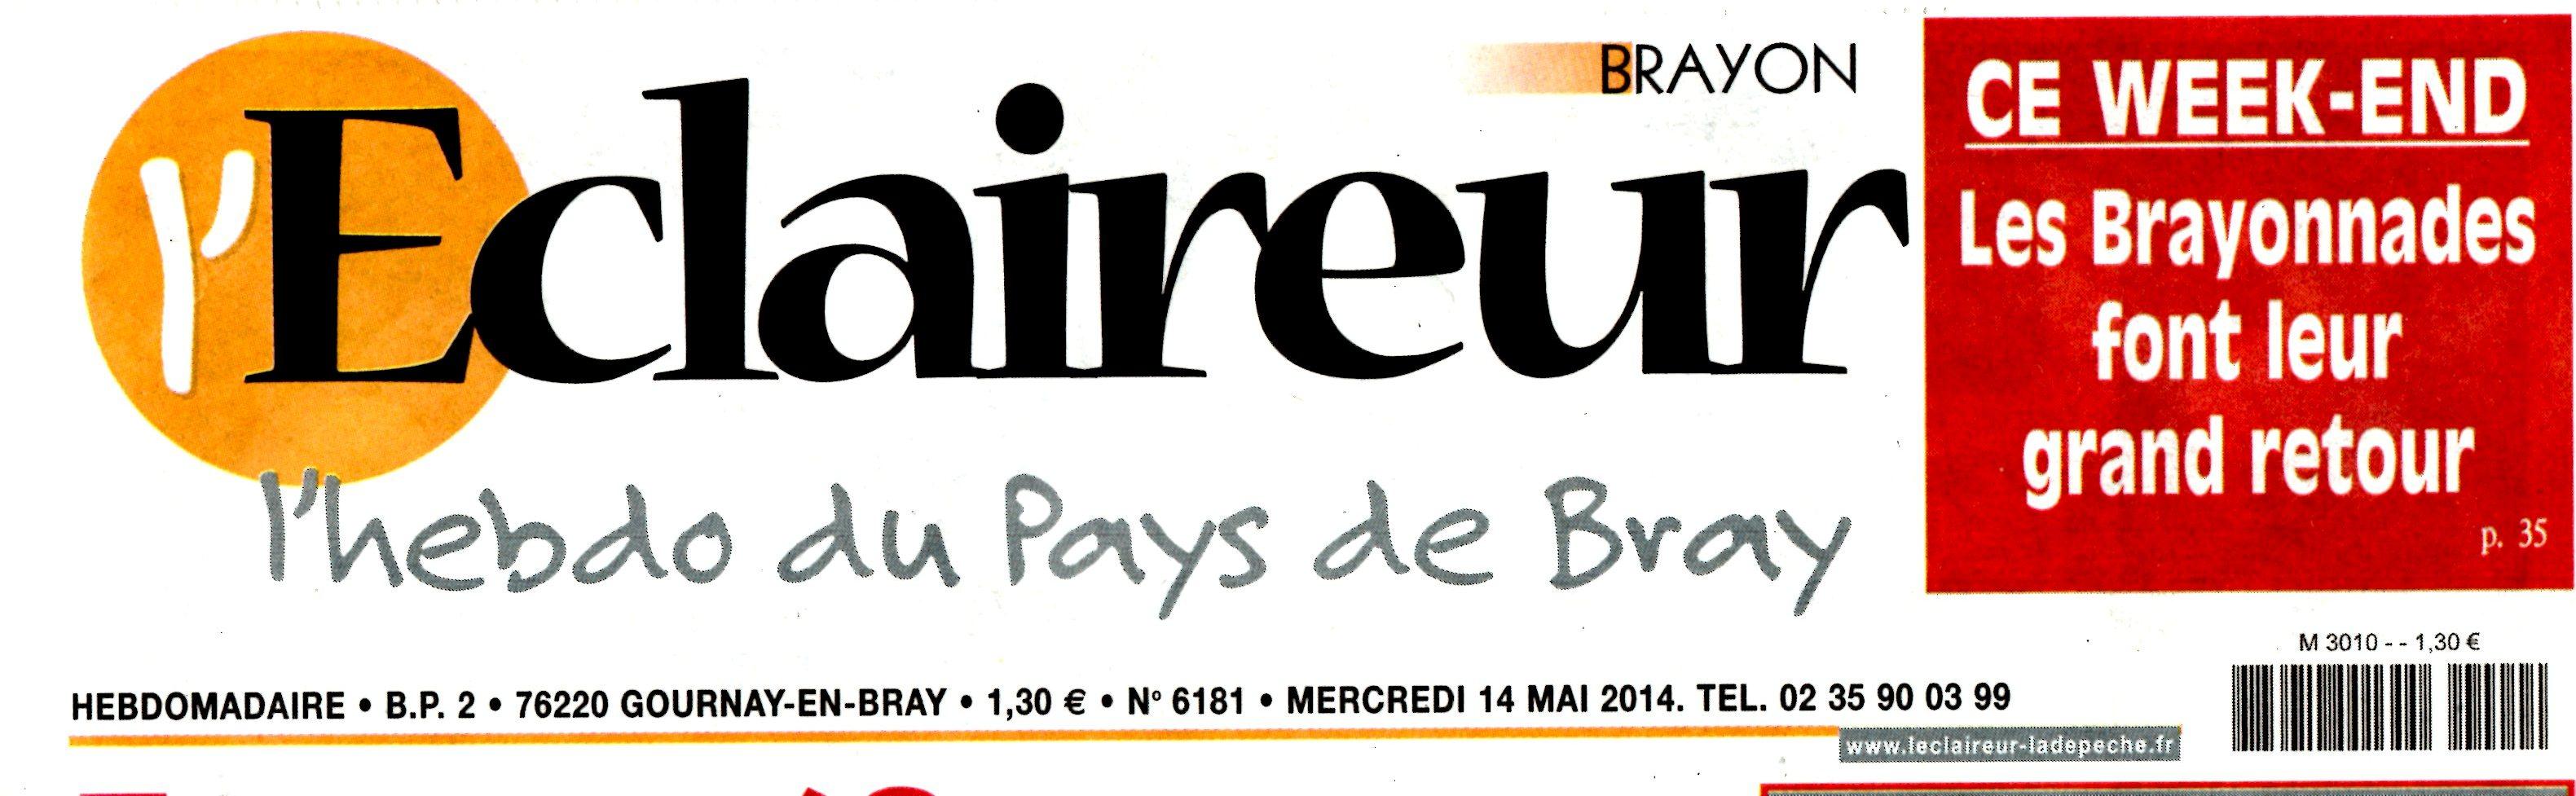 L'ECLAIREUR PAYS DE BRAY 14 MAI 2014 BETT001